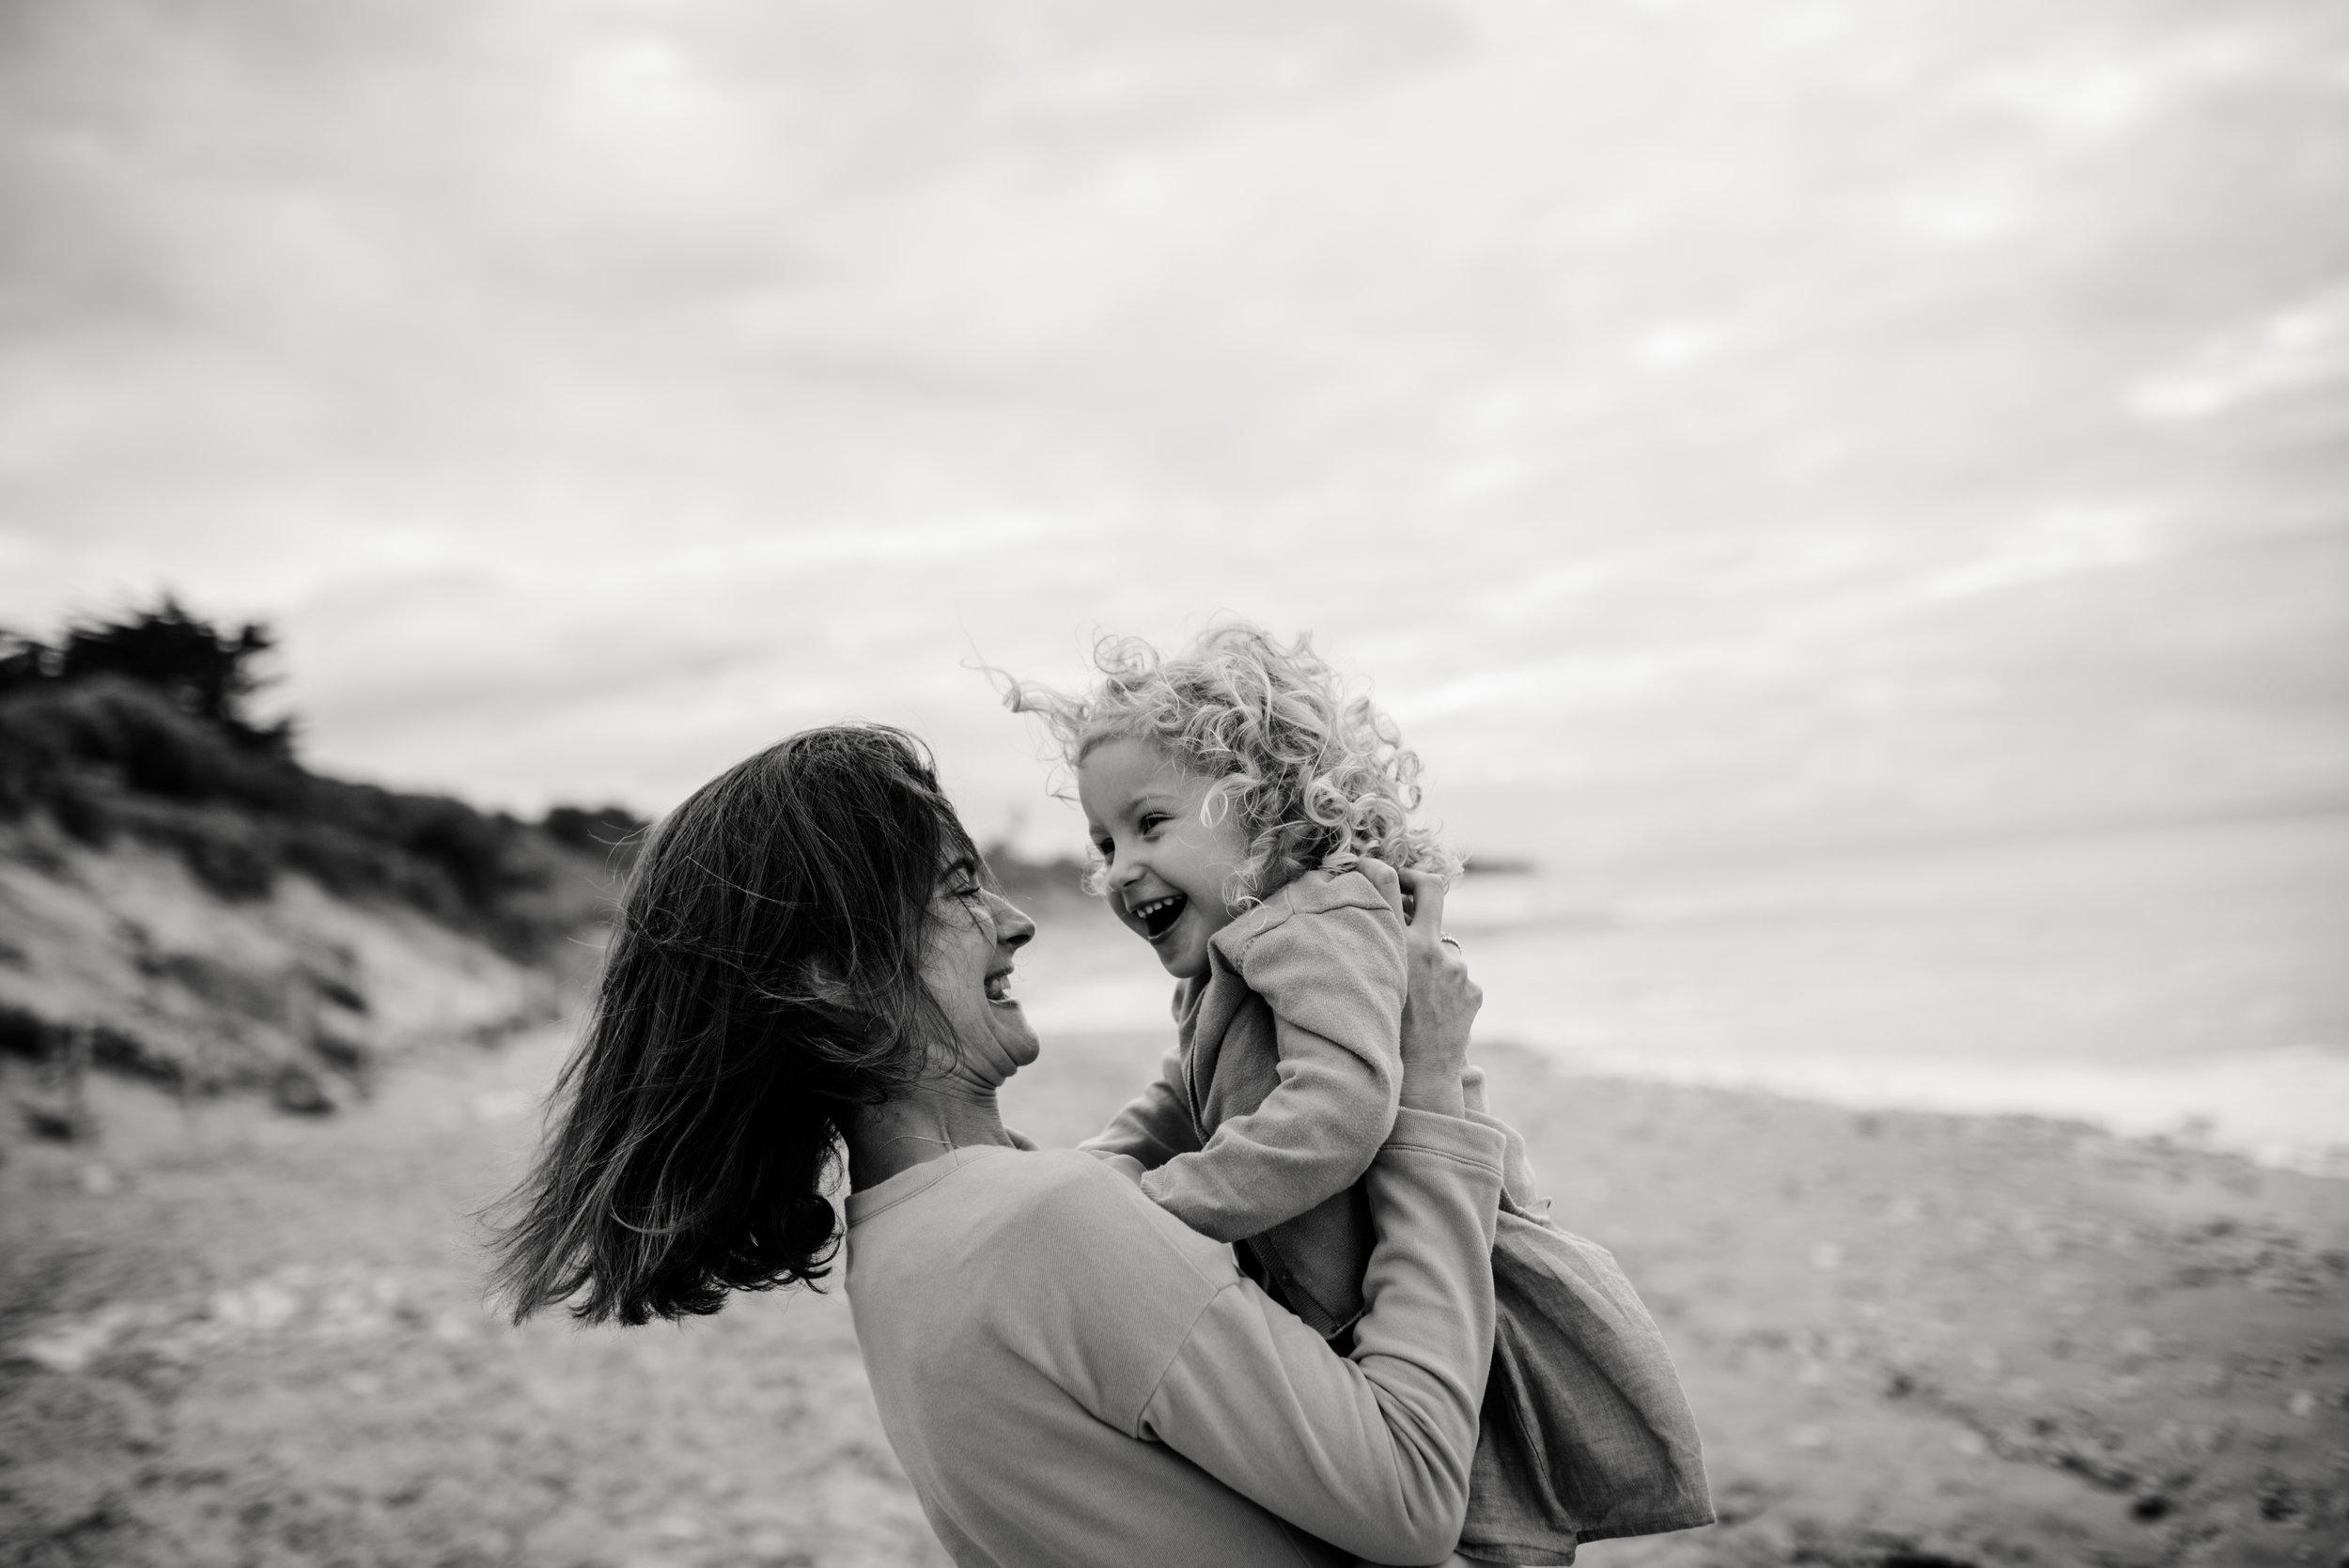 Léa-Fery-photographe-professionnel-lyon-rhone-alpes-portrait-creation-mariage-evenement-evenementiel-famille-2593.jpg